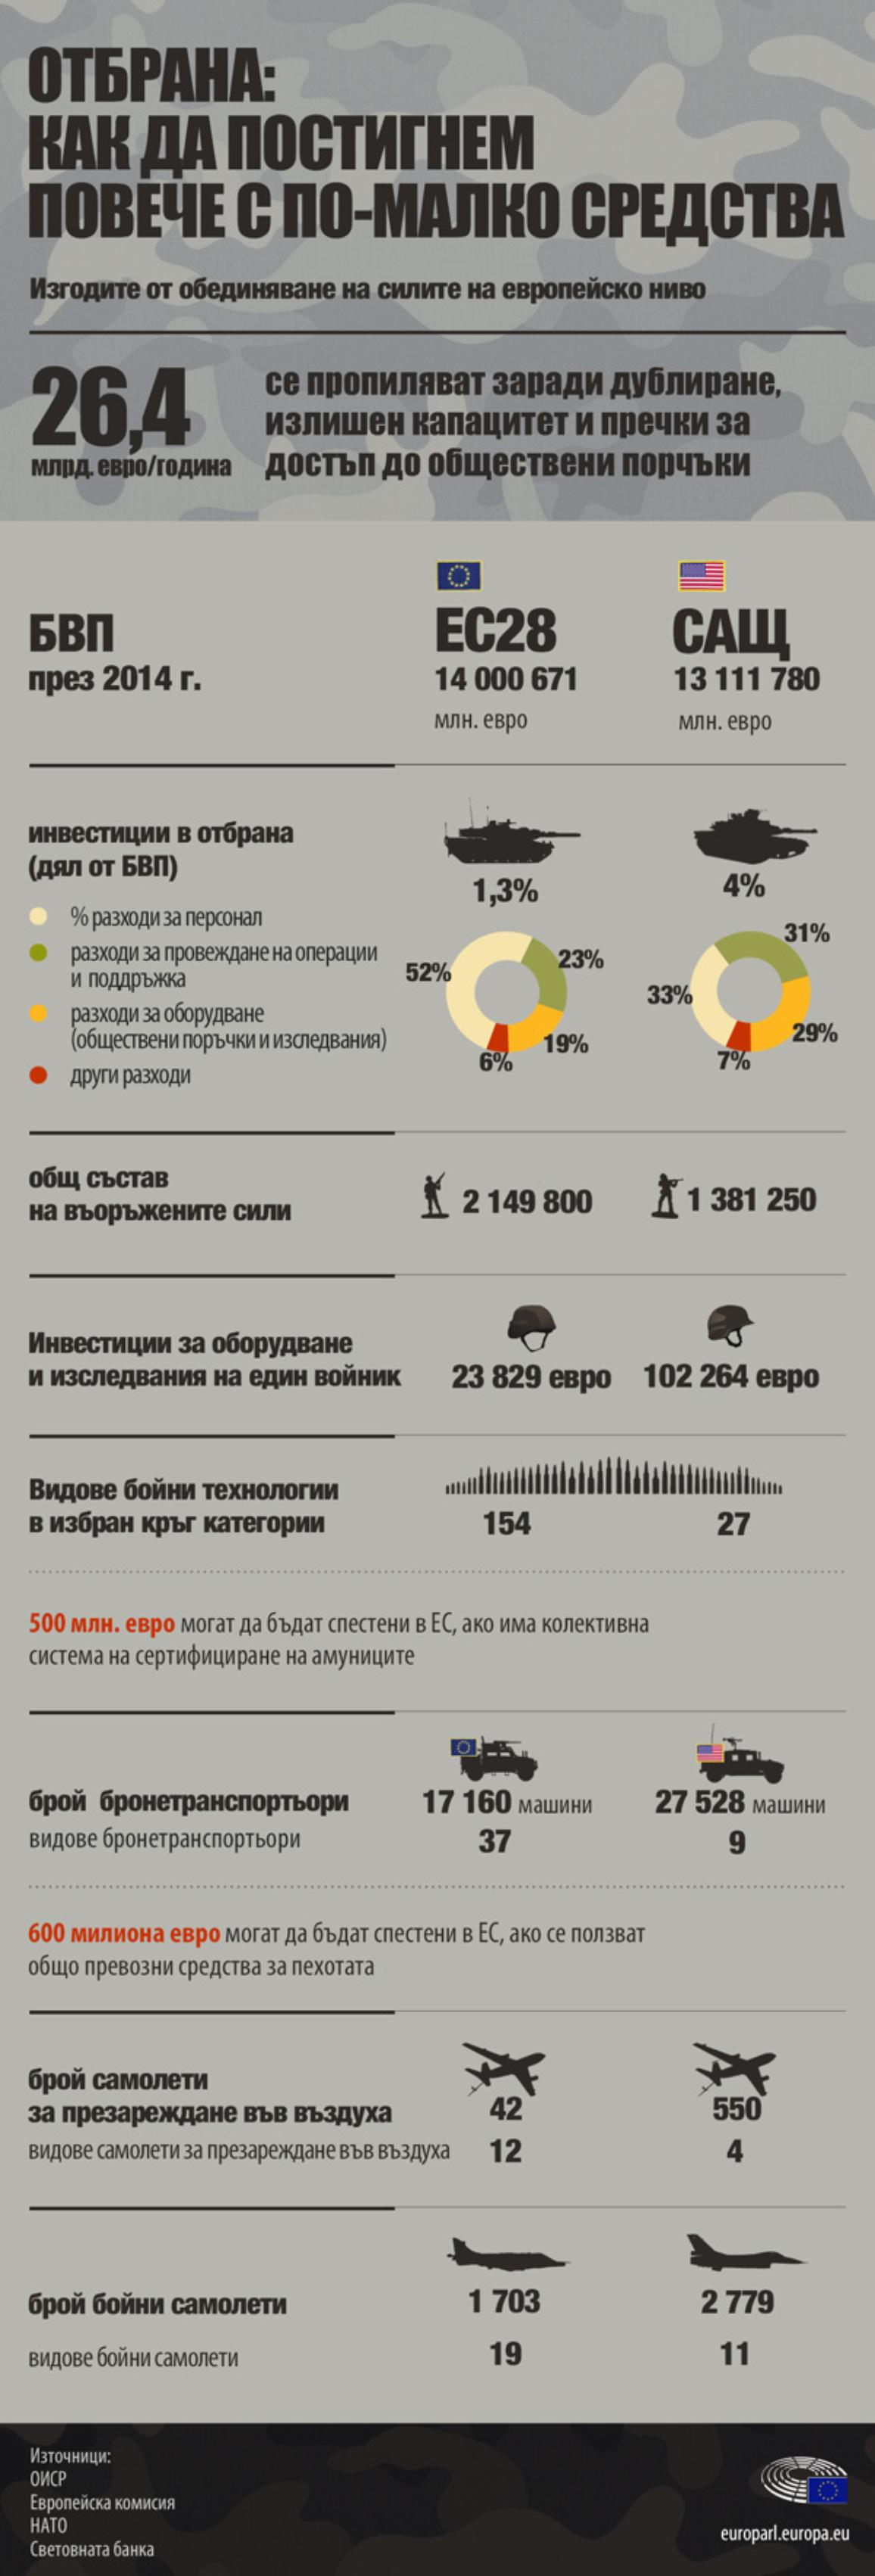 Инфографика: Дублиране на разходи в сферата на отбраната в ЕС